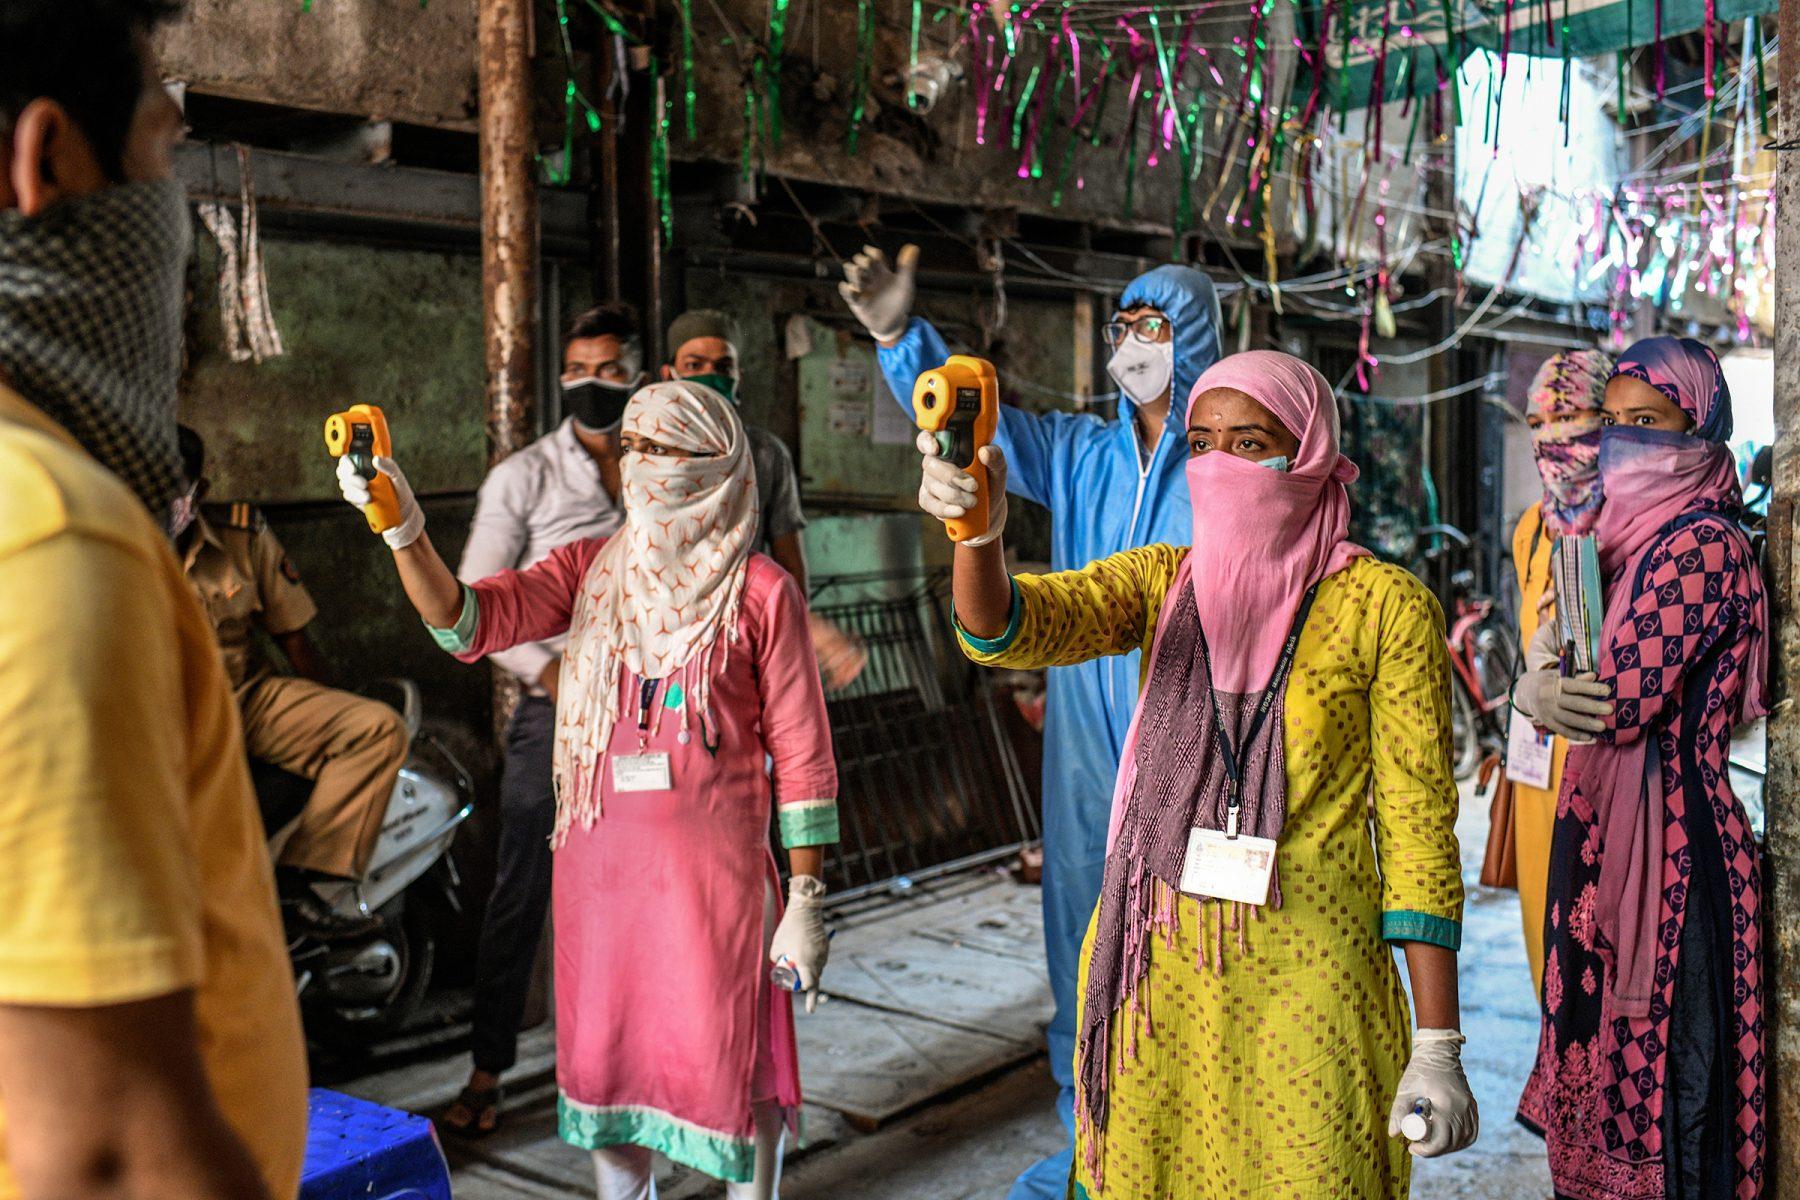 Ινδία covid-19: Έξι νέες περιπτώσεις μεταλλαγμένου ιού εντοπίστηκαν [pic,vid]